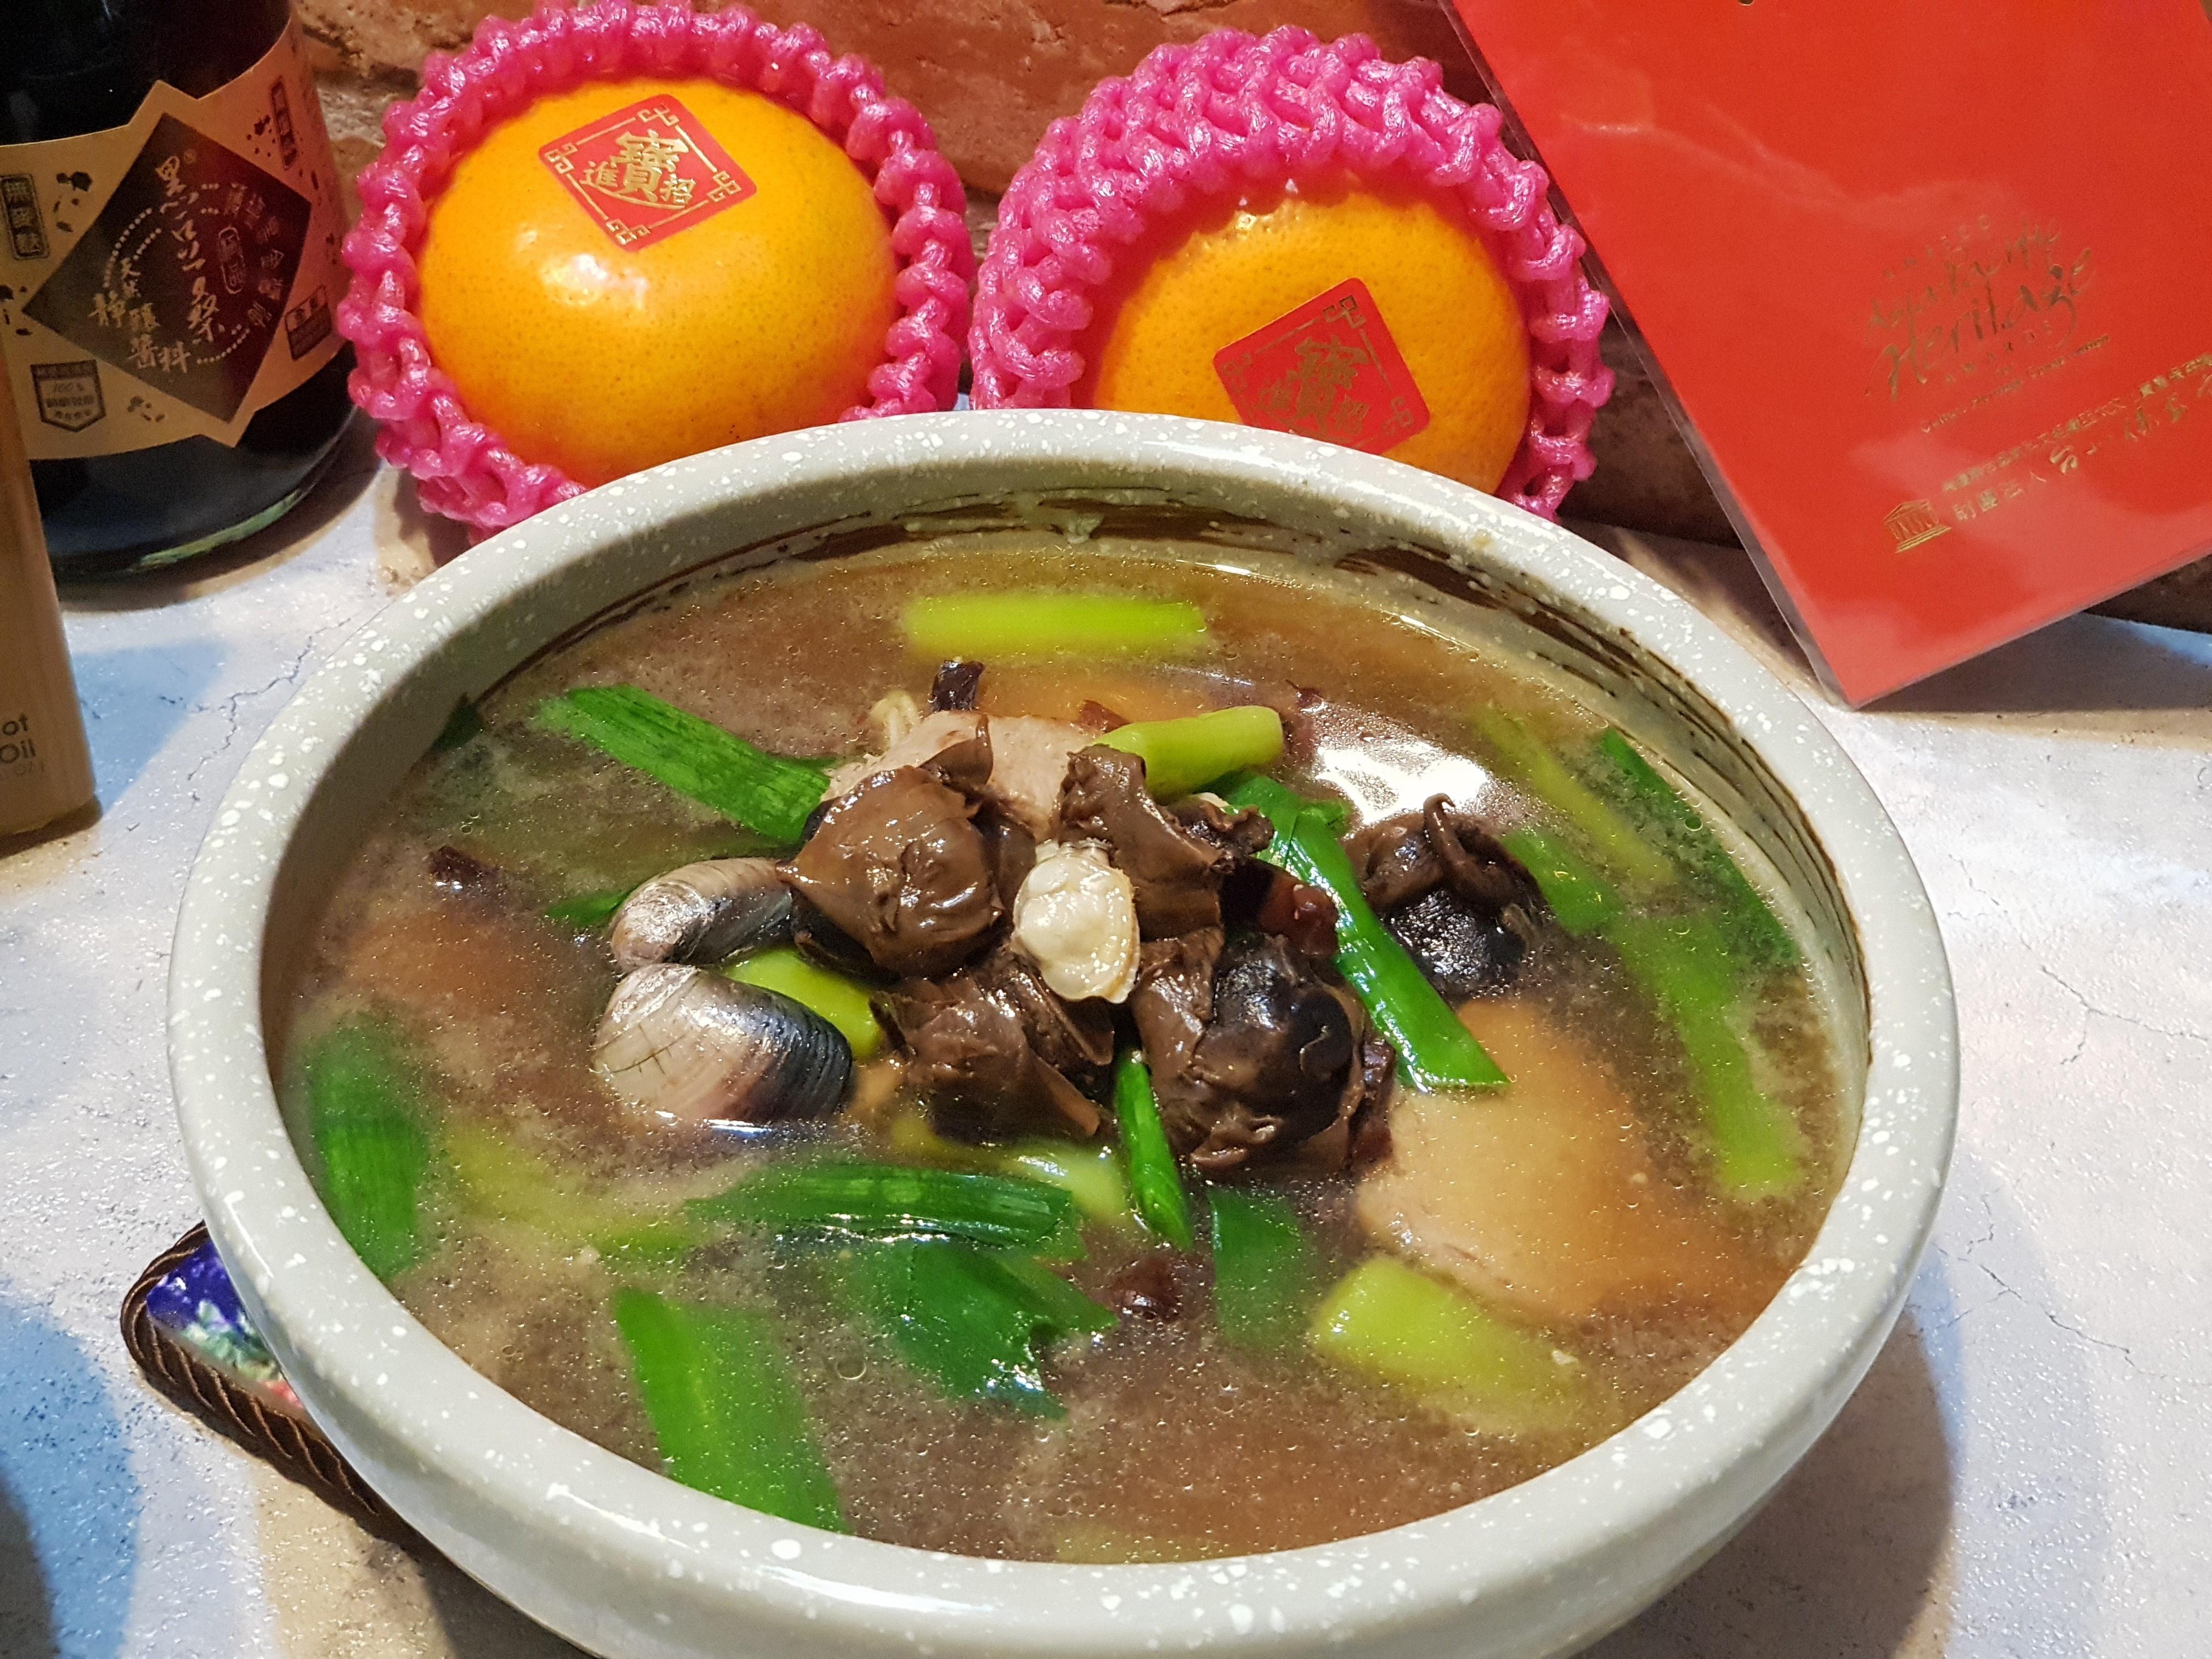 魷魚螺肉蒜湯~懷念的溫暖古早味